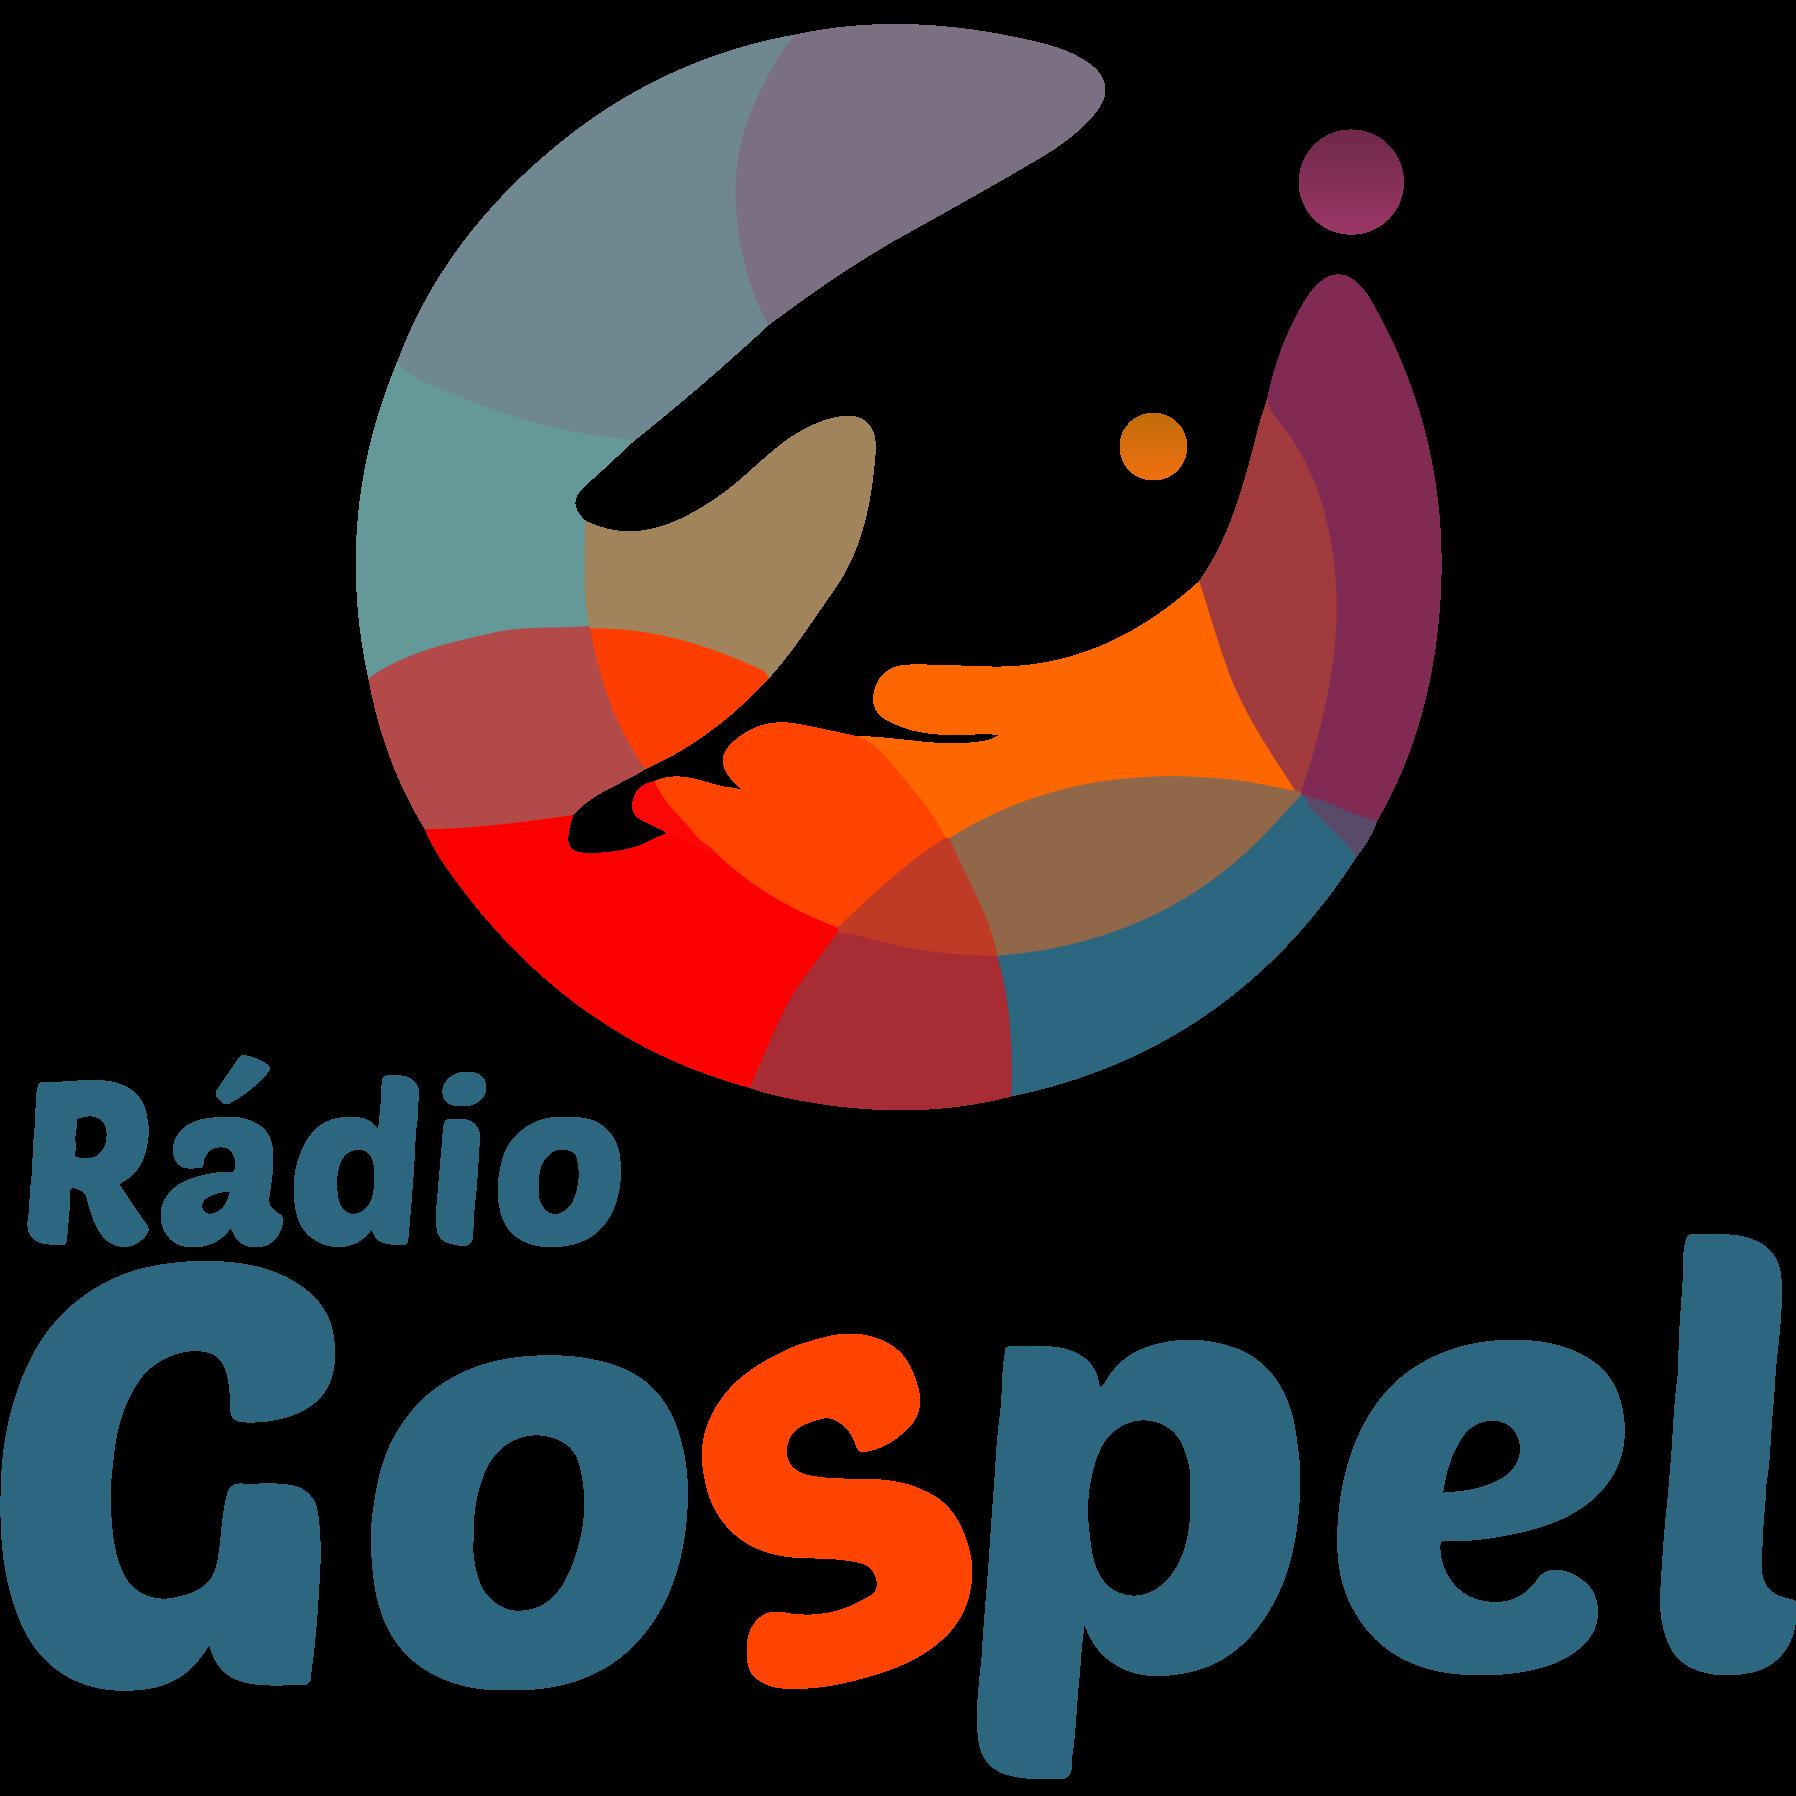 Gospel Ibipitanga